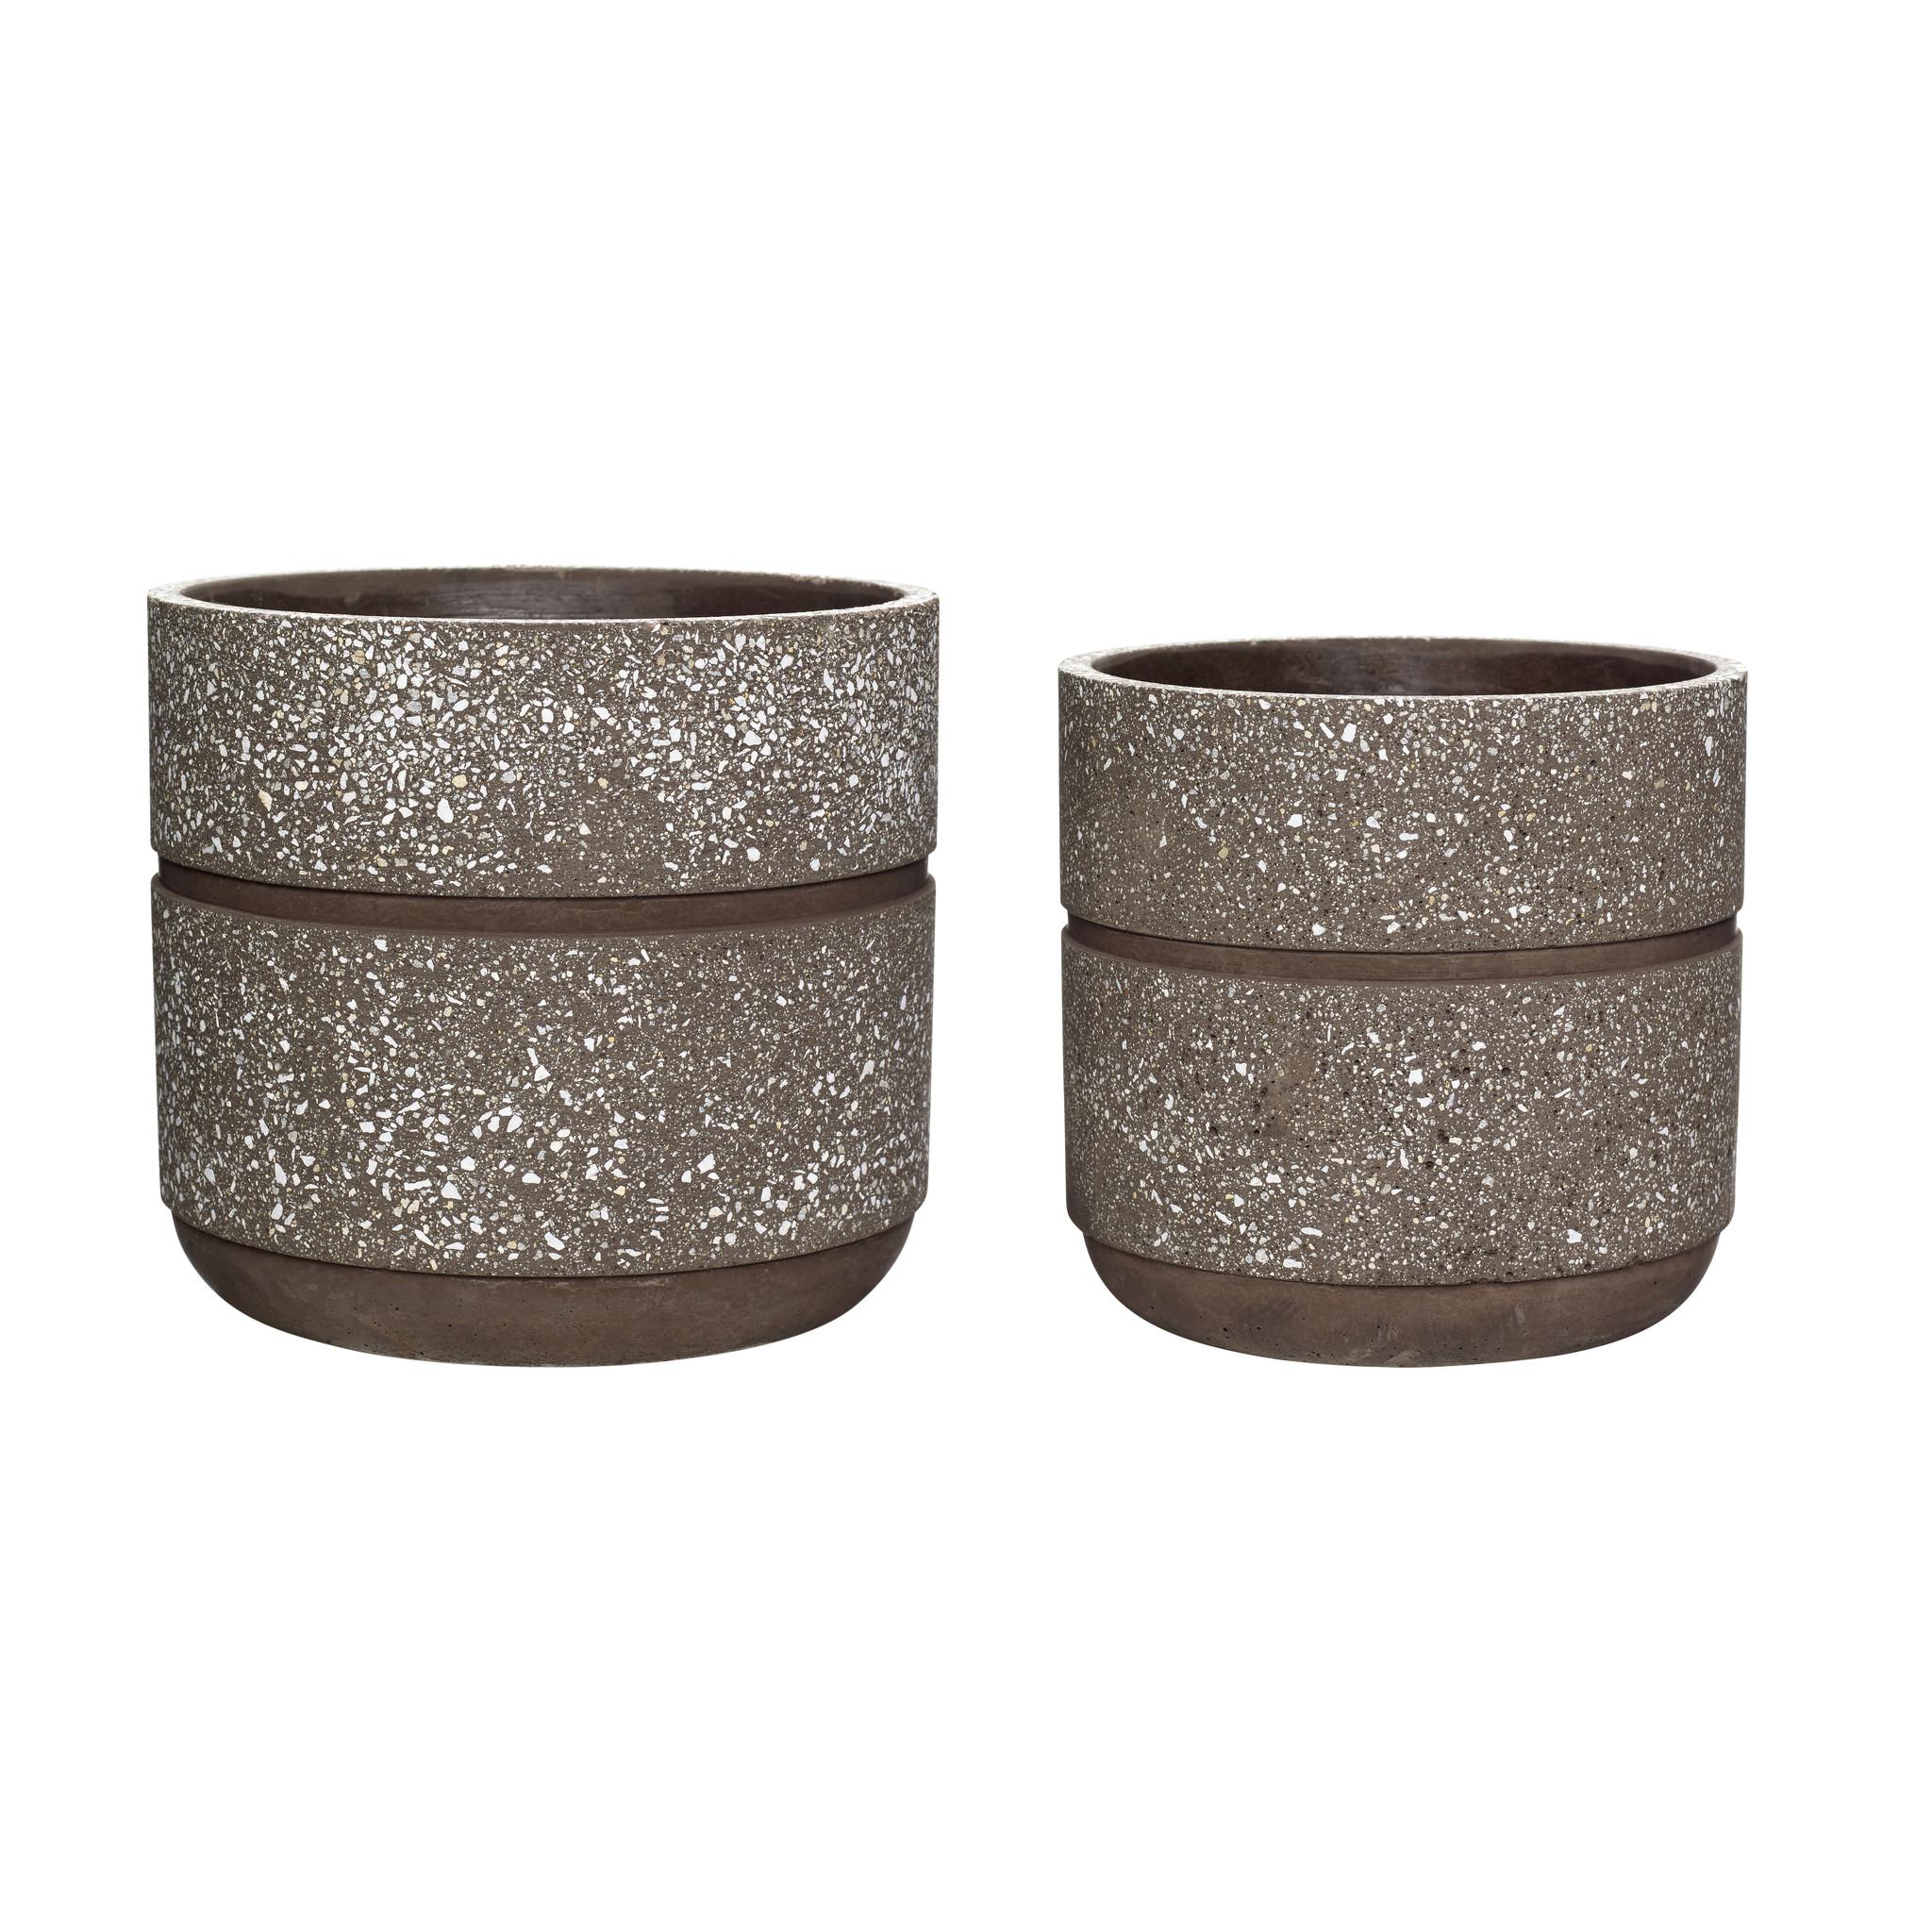 Hubsch Pot, beton, bordeaux, set van 2